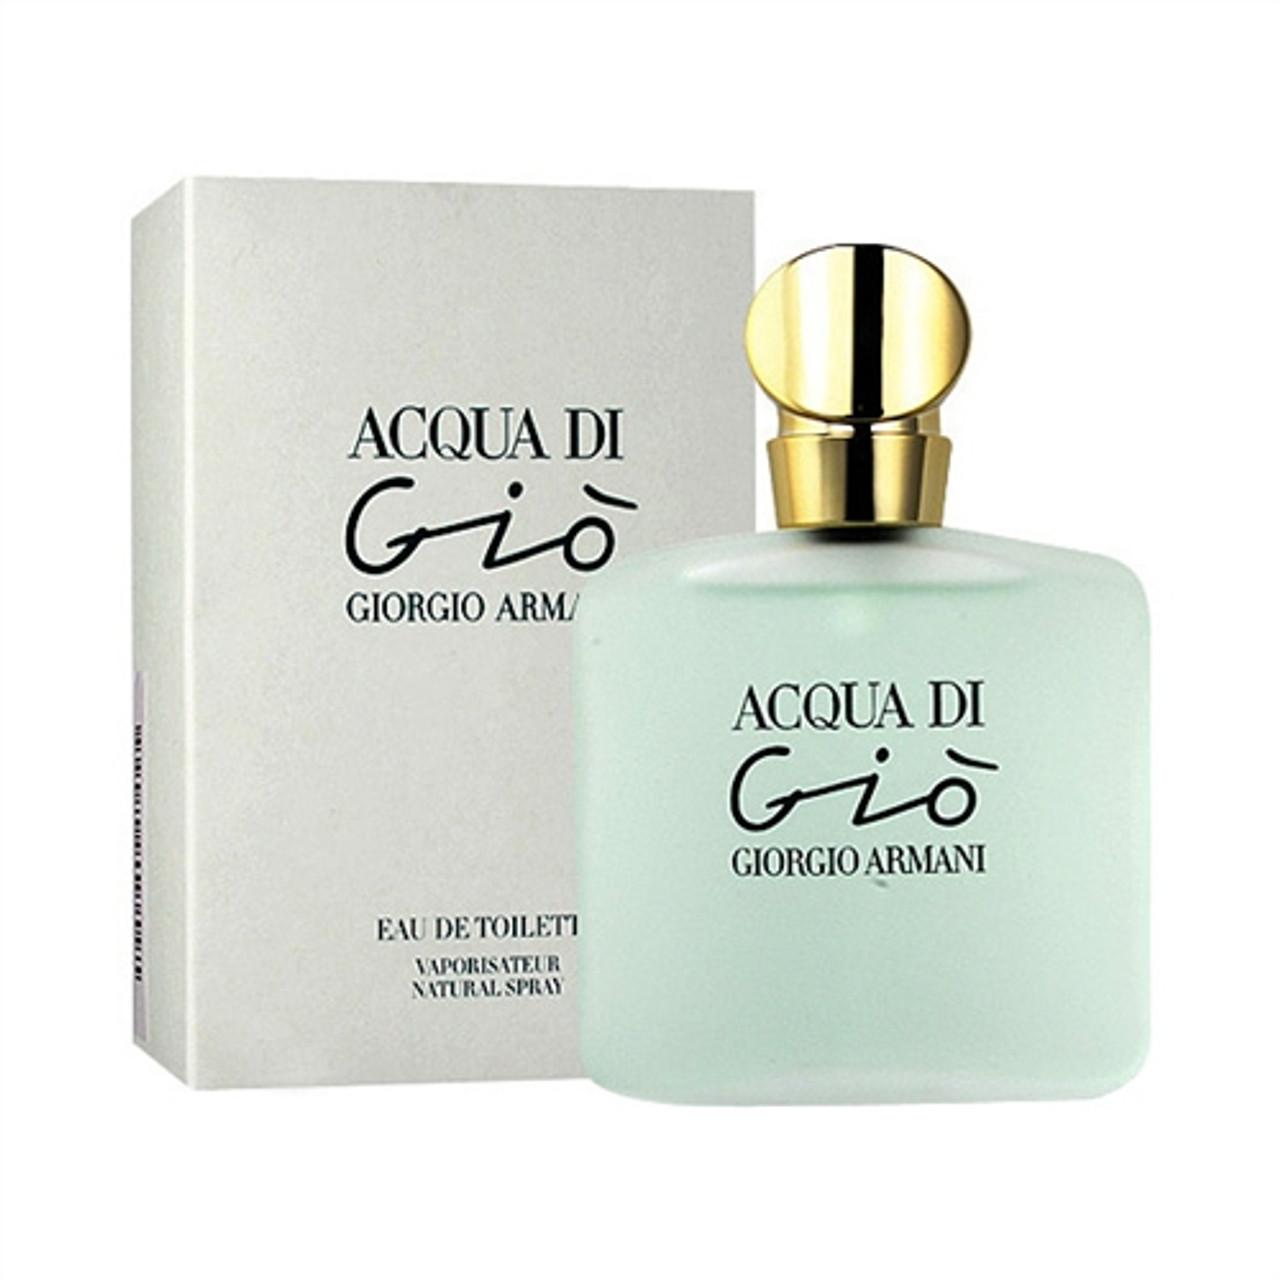 Acqua di Gio Eau de Toilette for Women by Giorgio Armani - 1.15 OZ